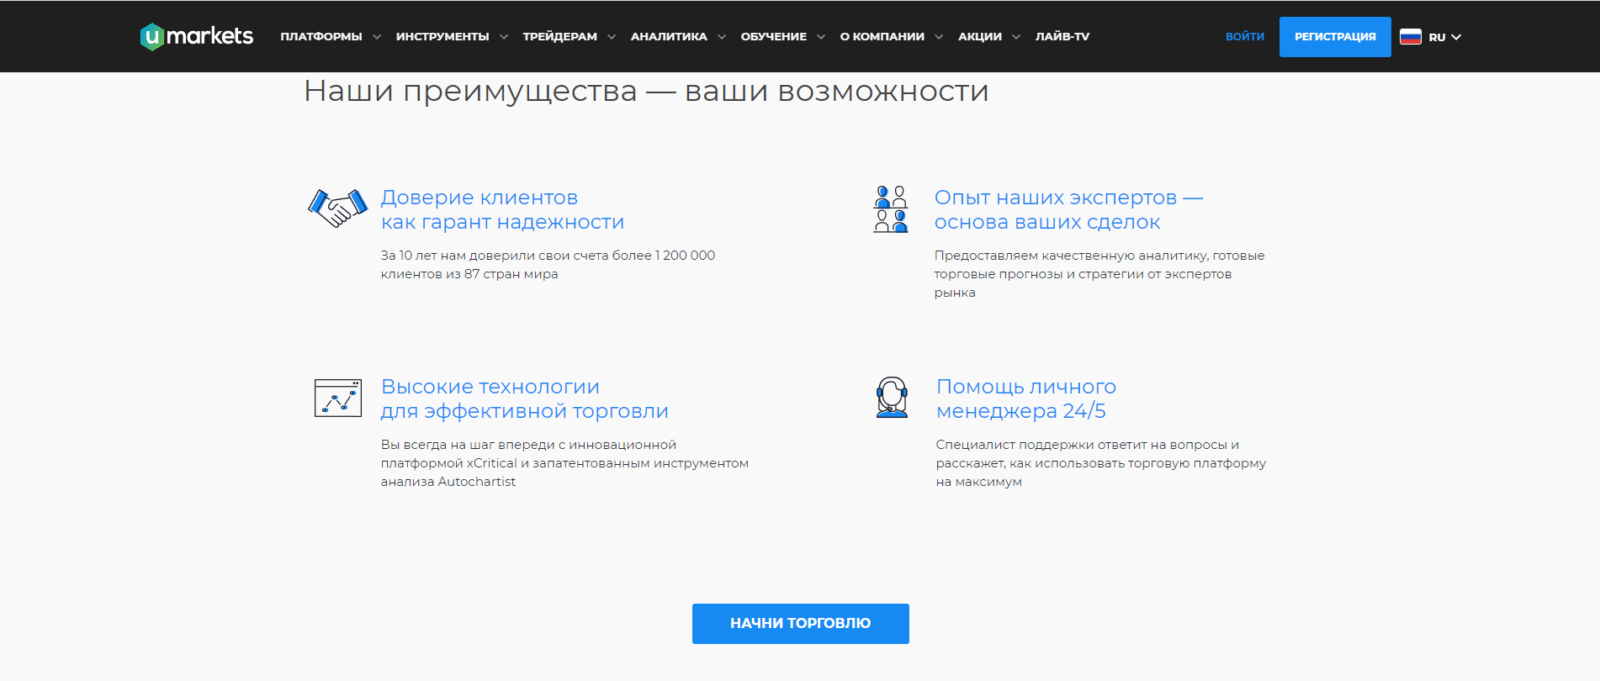 Umarkets.com